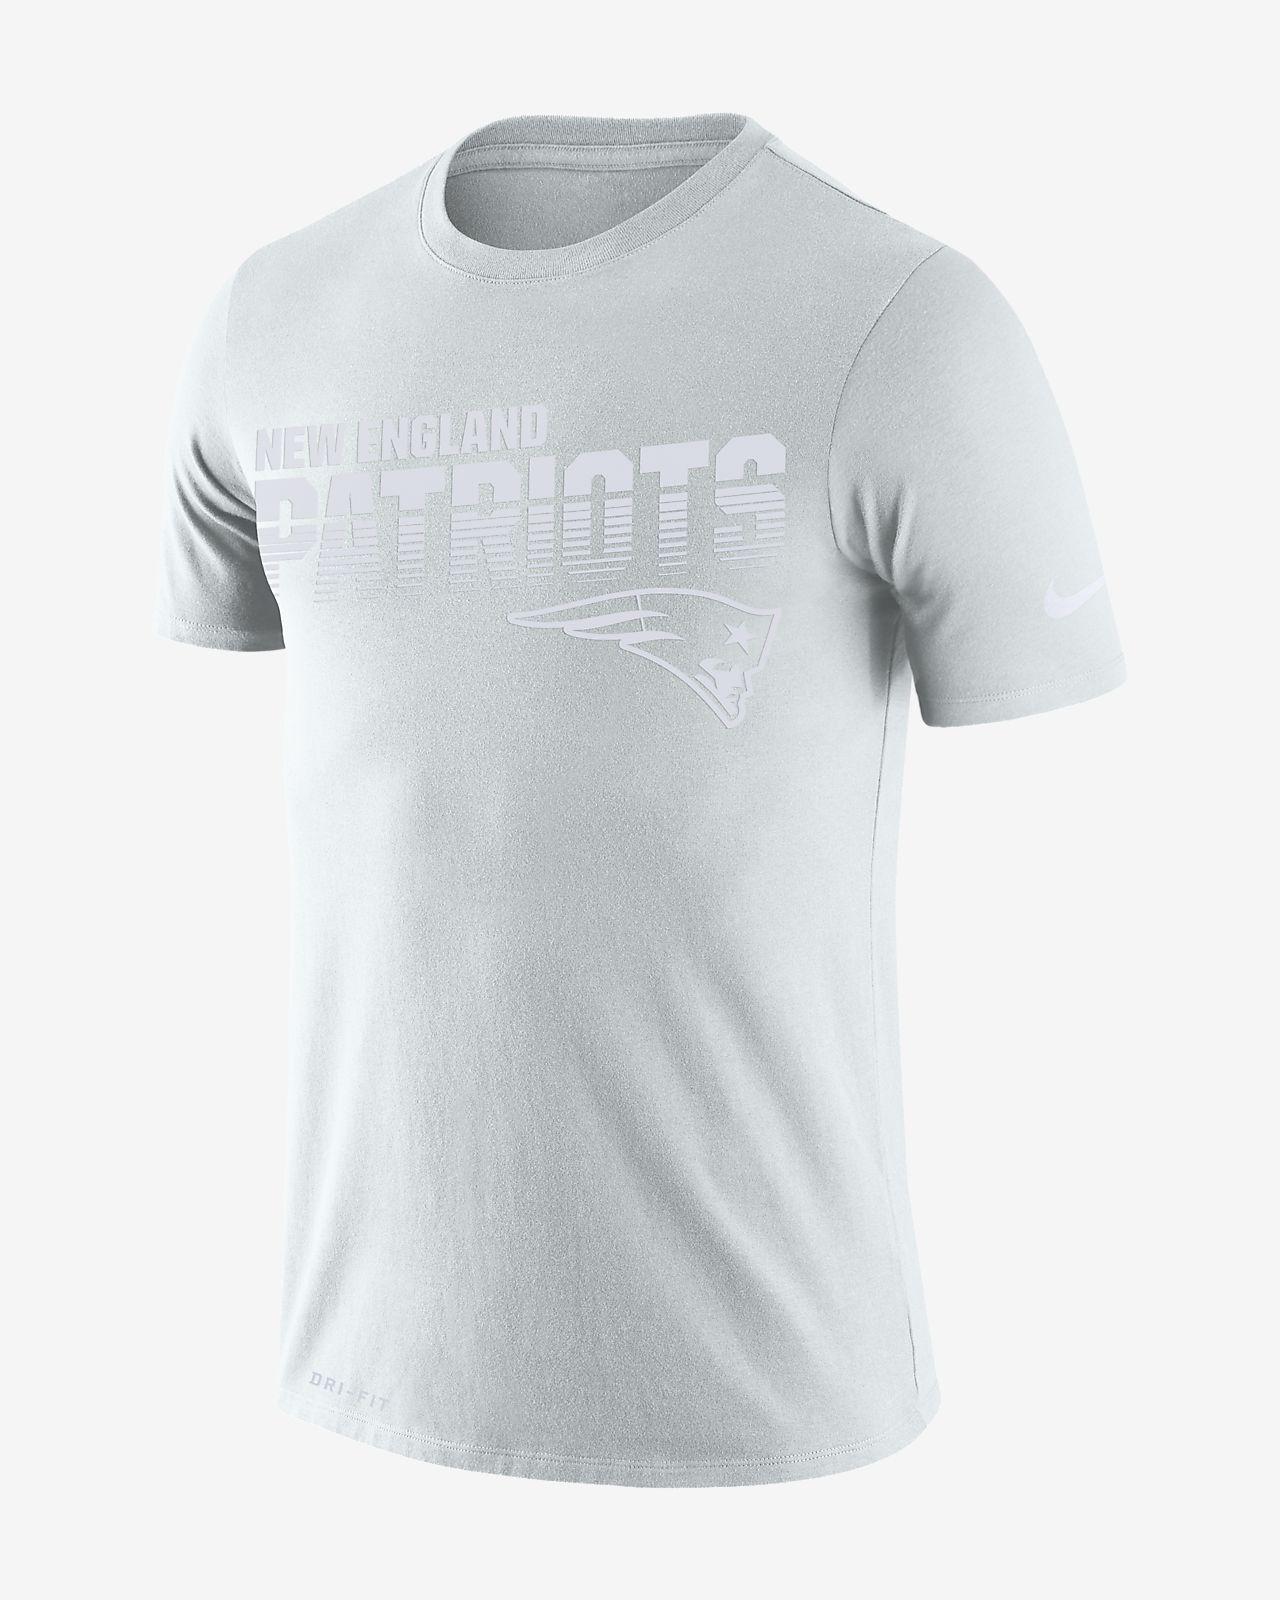 cc980a30 Nike Sideline (NFL Patriots) Men's T-Shirt